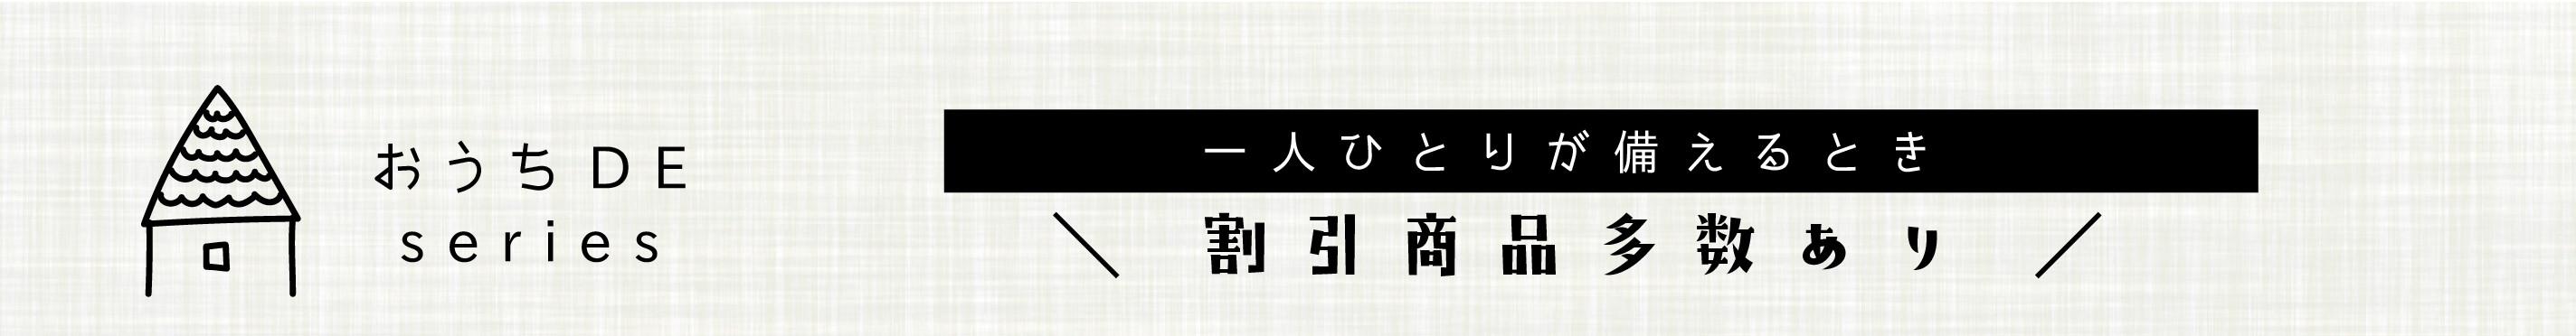 2020おうちでシリーズネットショップ延長の延長.jpg